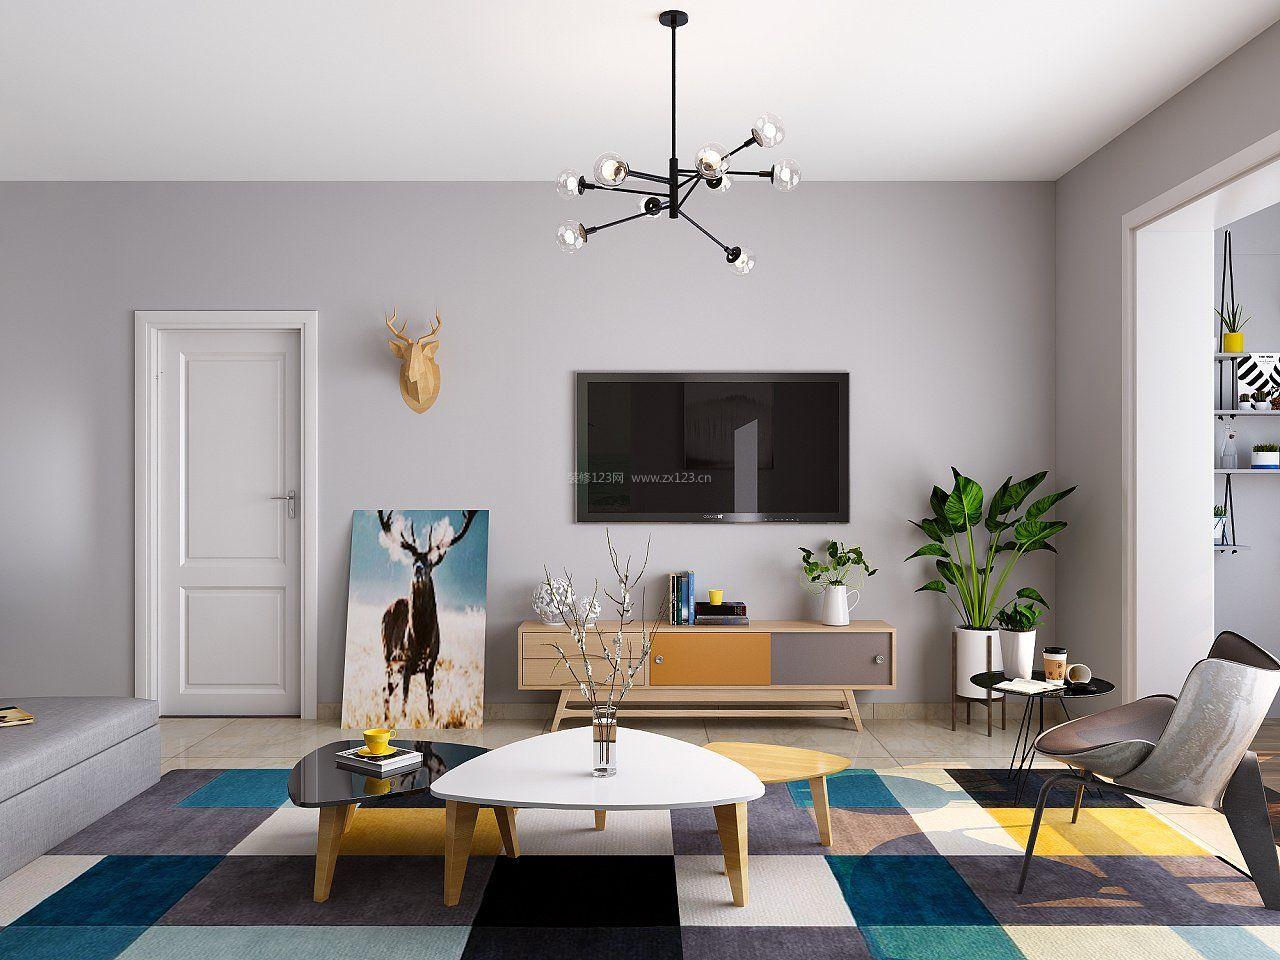 2017简欧风格客厅室内家具高清图片